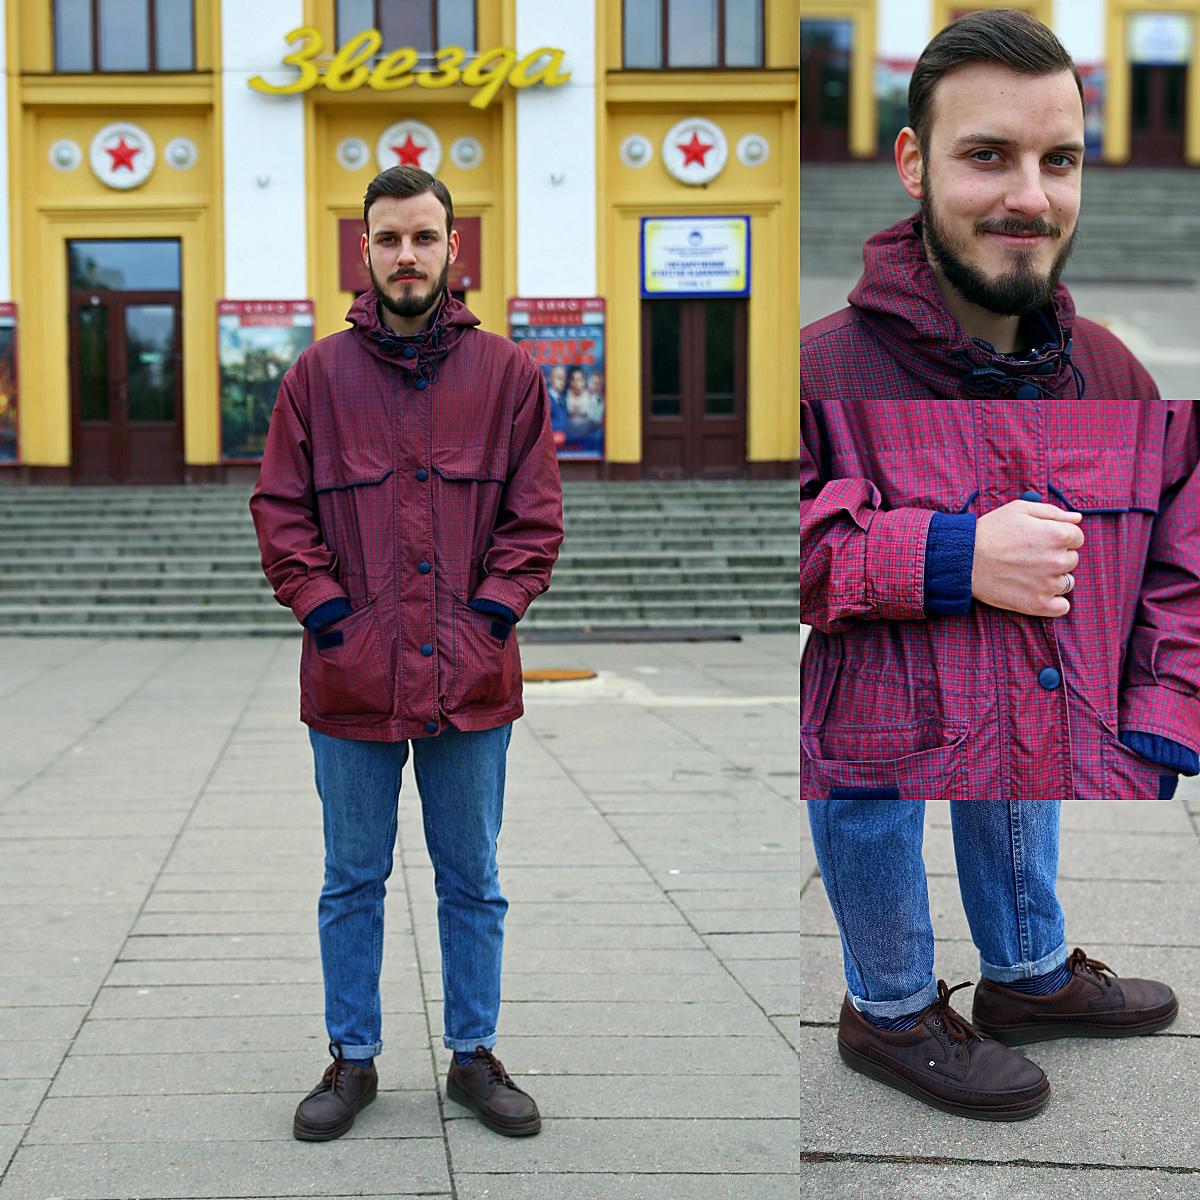 Вадим. Фото: Евгений ТИХАНОВИЧ